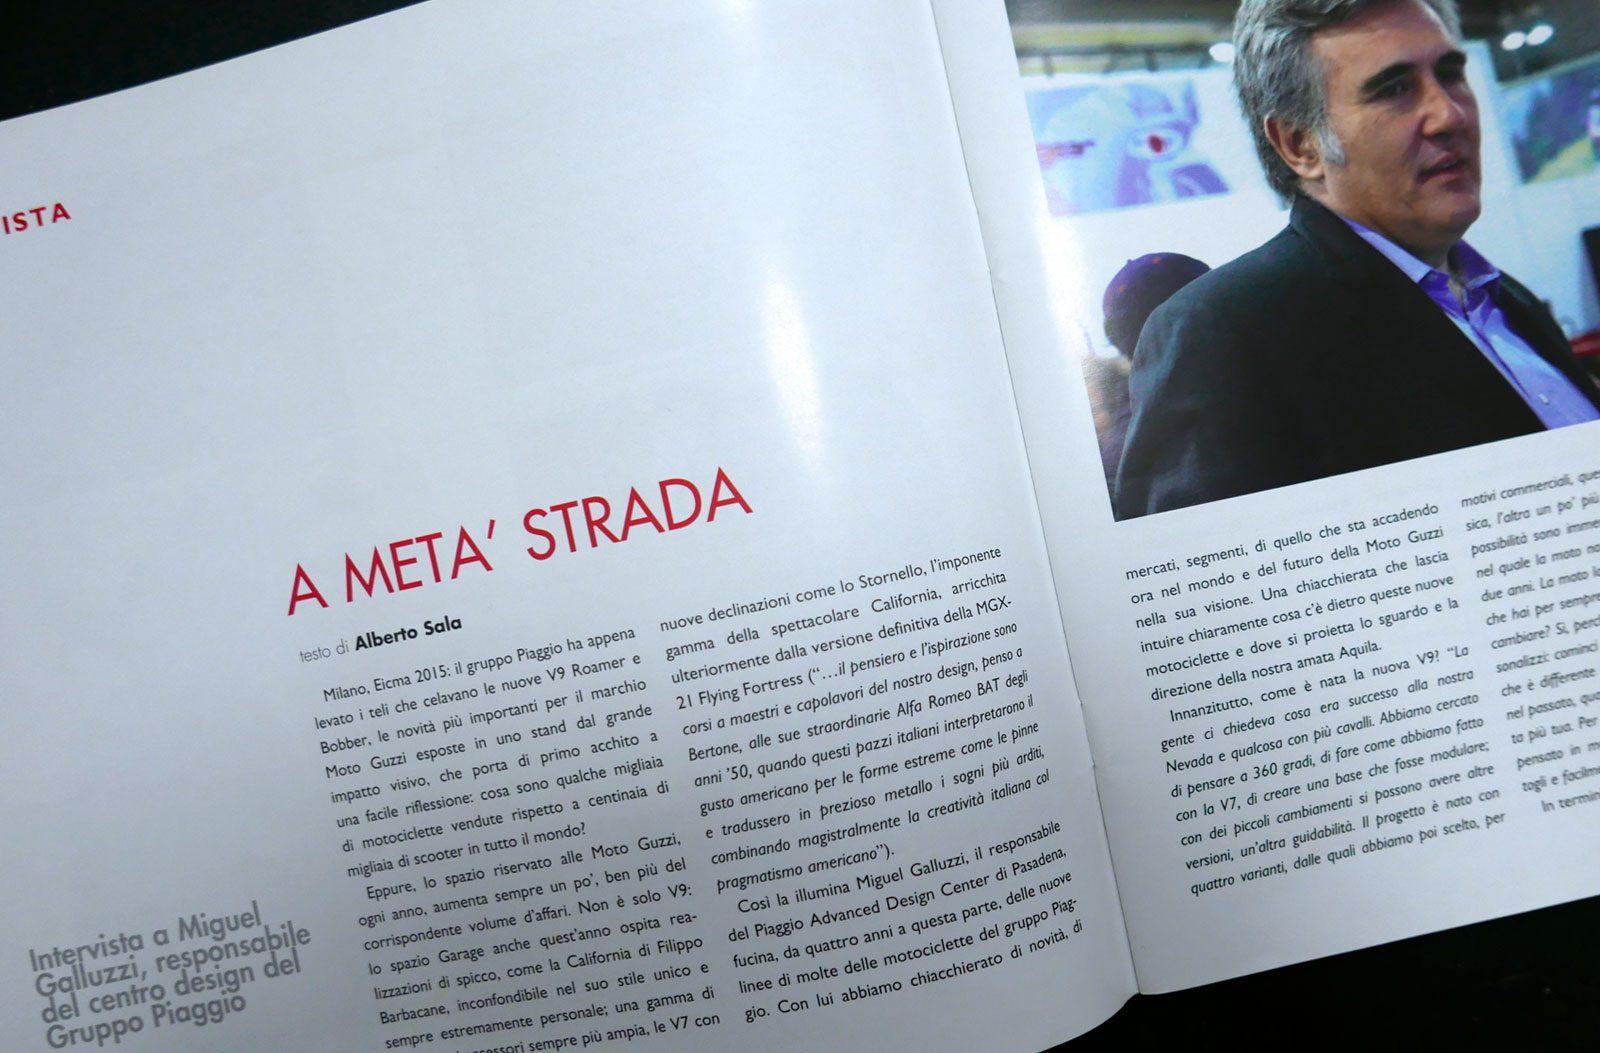 alberto sala writer intervista Michel Galluzzi bicilindrica